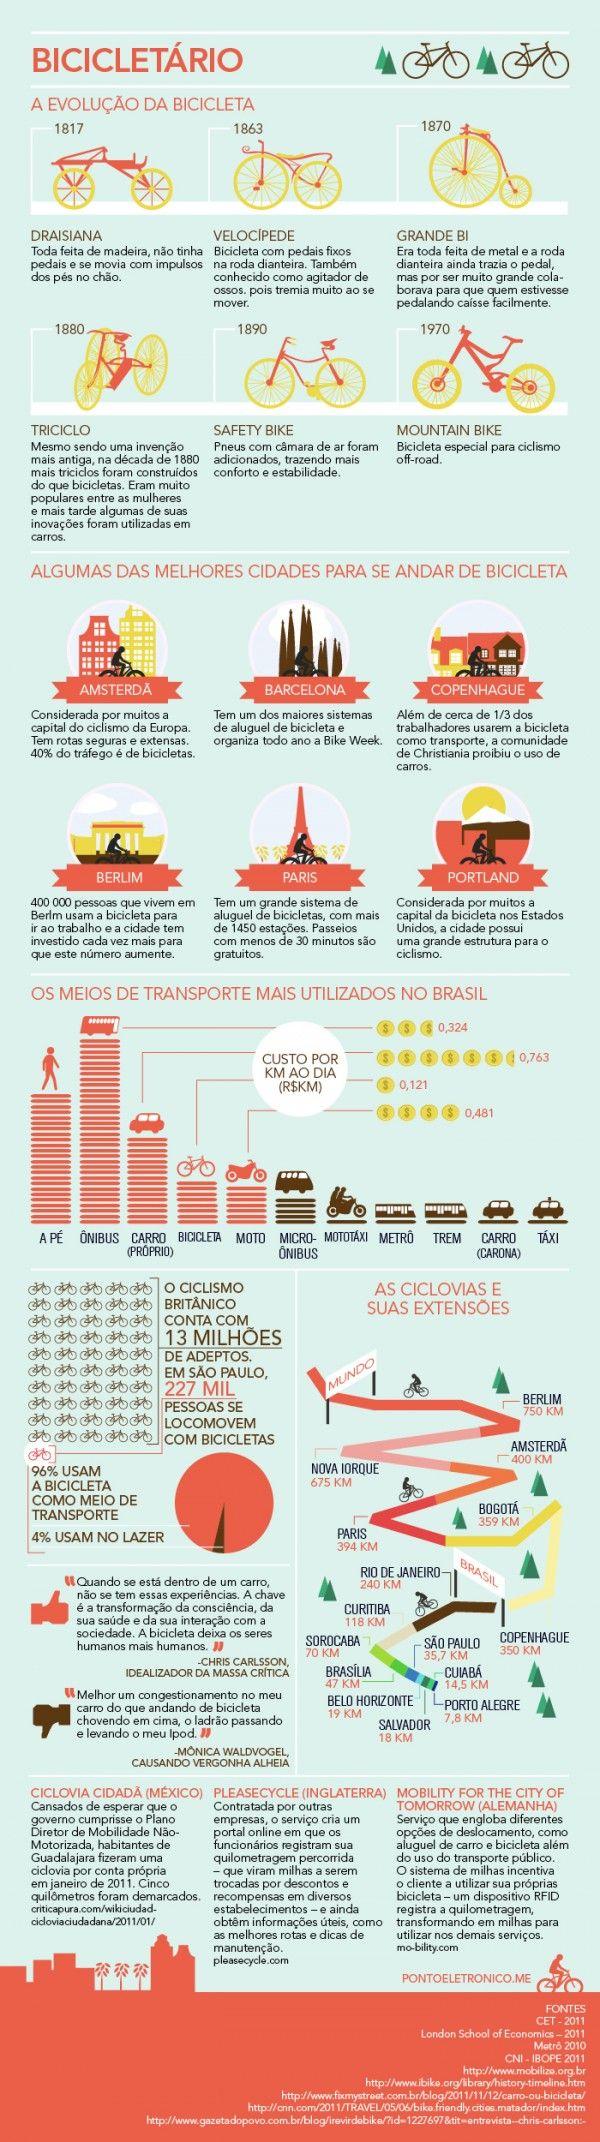 Visualize o tamanho do atraso na estrutura de mobilidade urbana brasileira